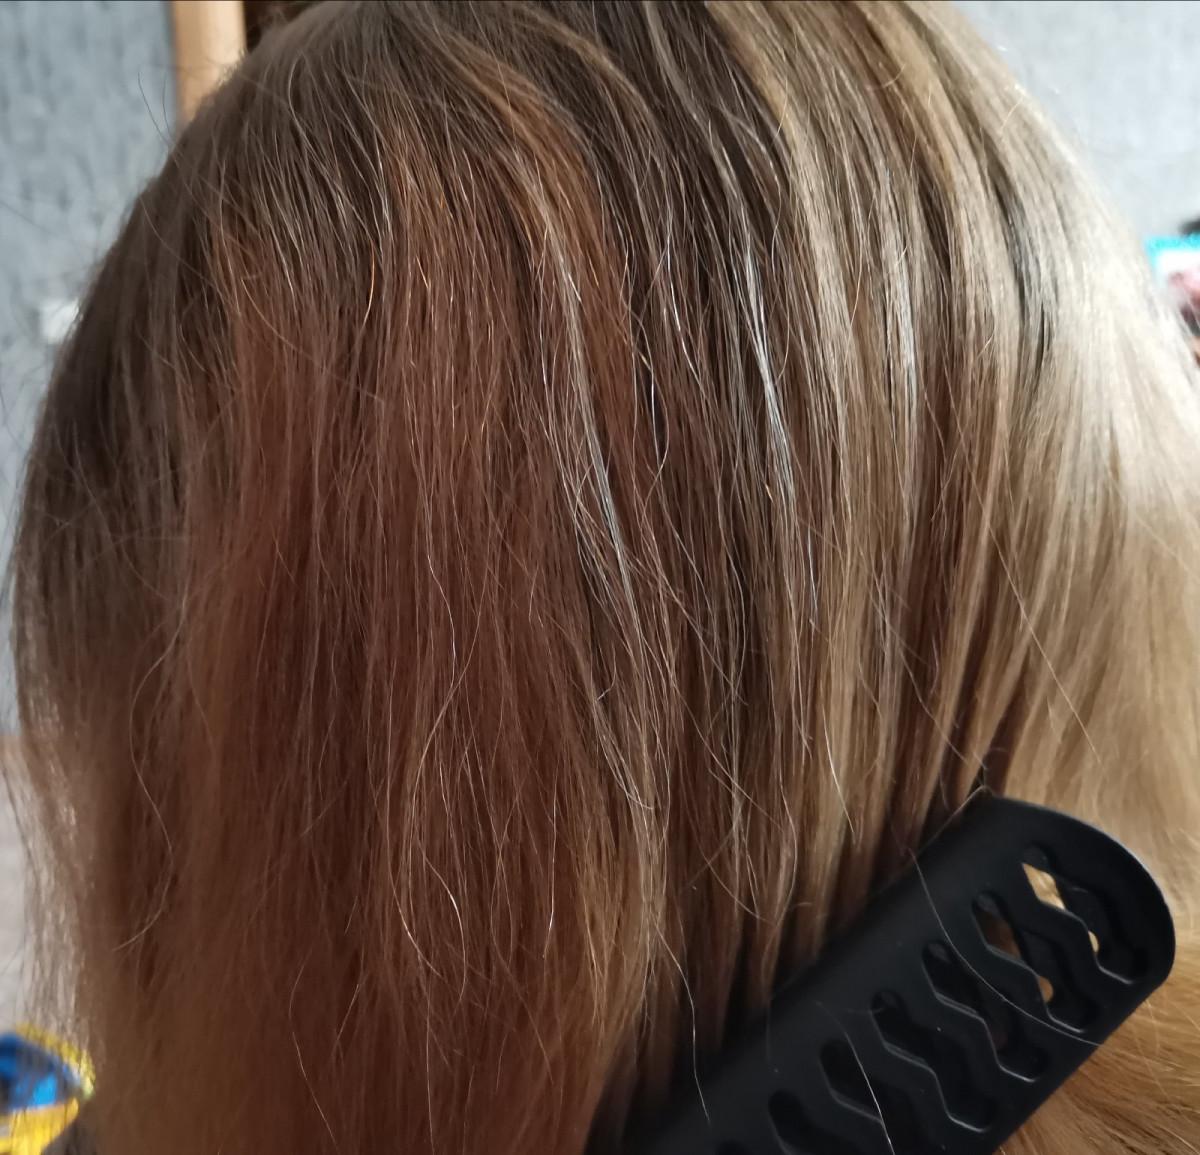 Что делать, чтобы волосы не седели: ученые нашли способ